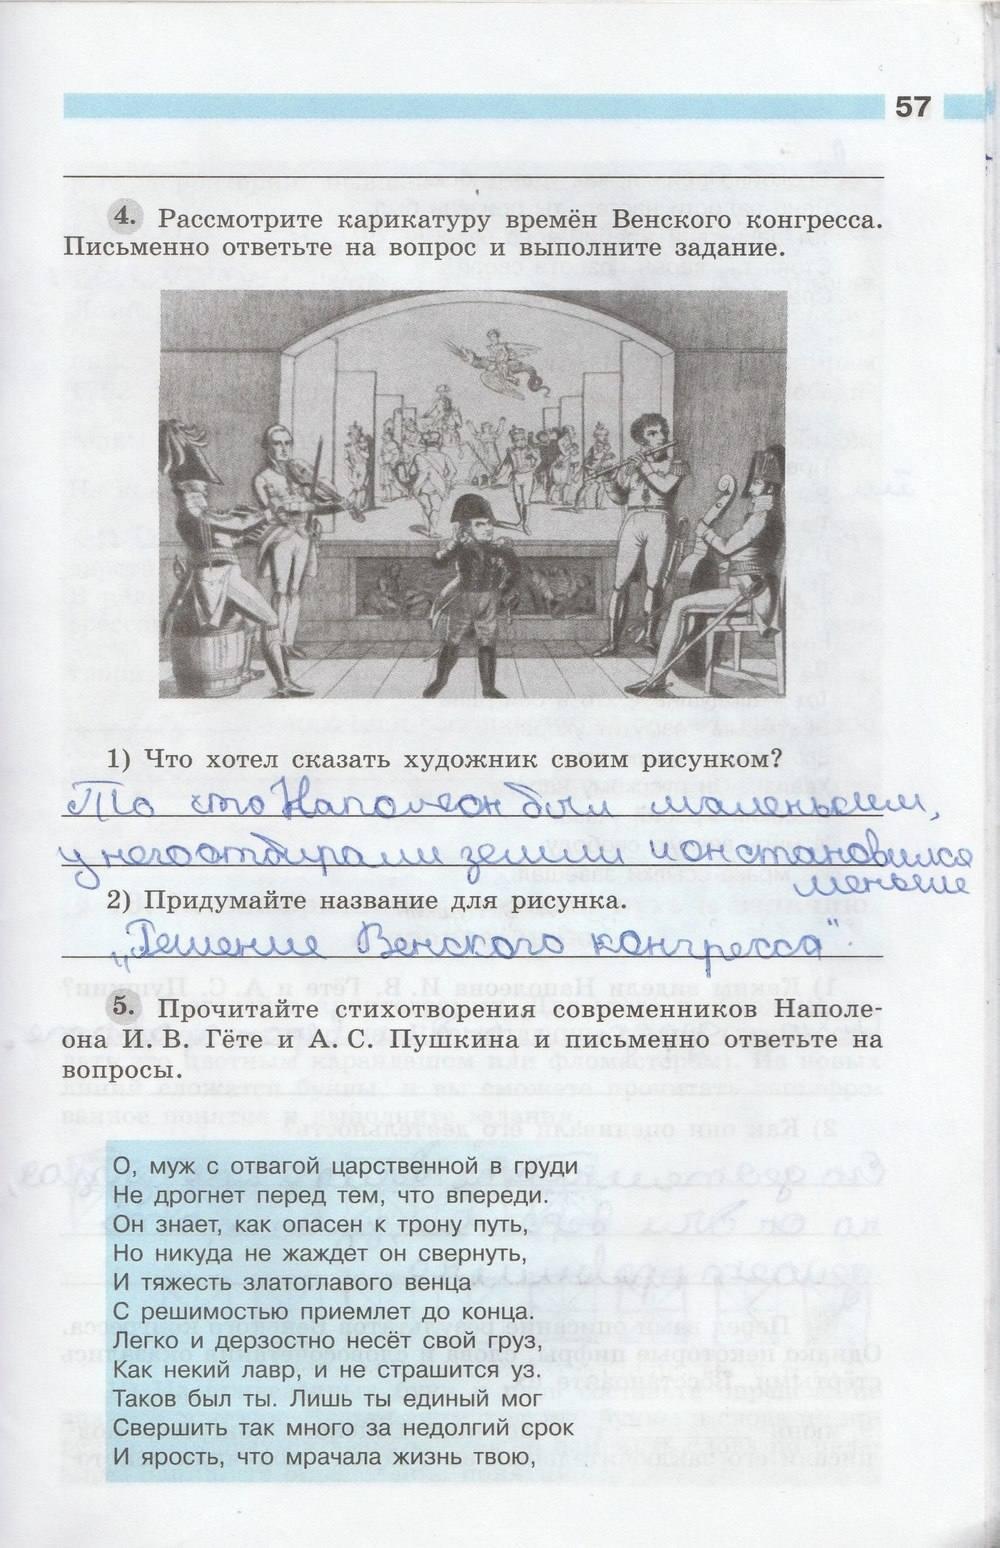 Решебник По Истории Нового Времени 7 Класс Юдовская Ванюшкин Баранов